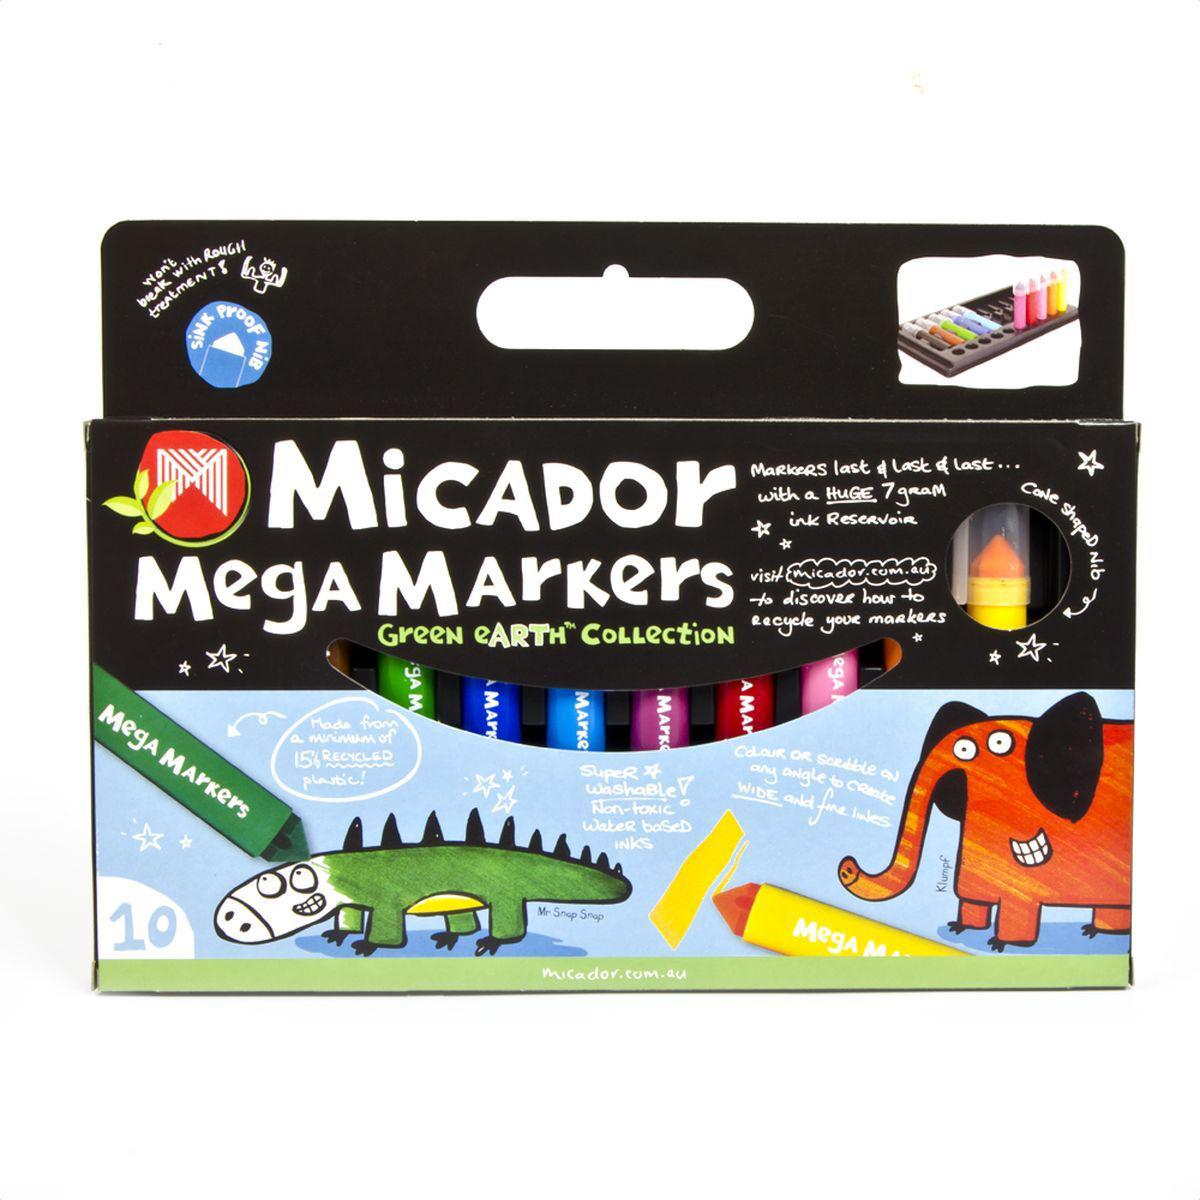 Micador Безопасные фломастеры увеличенного объема 10 цветов730396Фломастеры Micadorна водной основе, экологичные, не содержат спирт, растворителей, токсичных веществ, полностью безопасны для маленьких детей. Увеличенный резервуар для чернил делает фломастеры долговечными, каждый фломастер содержит 8 мл чернил, что в 4 раза больше обычных фломастеров.Стержень конической формы позволяет делать и широкие, и тонкие линии. Вентилируемый колпачок предотвращает высыхание чернил.Сухие фломастеры легко можно восстановить, всего лишь опустив наконечник в воду. Широкий корпус делает фломастеры удобными для маленьких детских ладошек.Изготовлены по запатентованной технологии Easy Wash: легко отстирываются от любой поверхности даже в холодной воде.Экологичная, 100% перерабатываемая упаковка. Изготовлены с использованием солнечной энергии и с заботой об окружающей среде.Австралийский бренд Micador - эксперт в товарах для детского творчества с 1954 года.